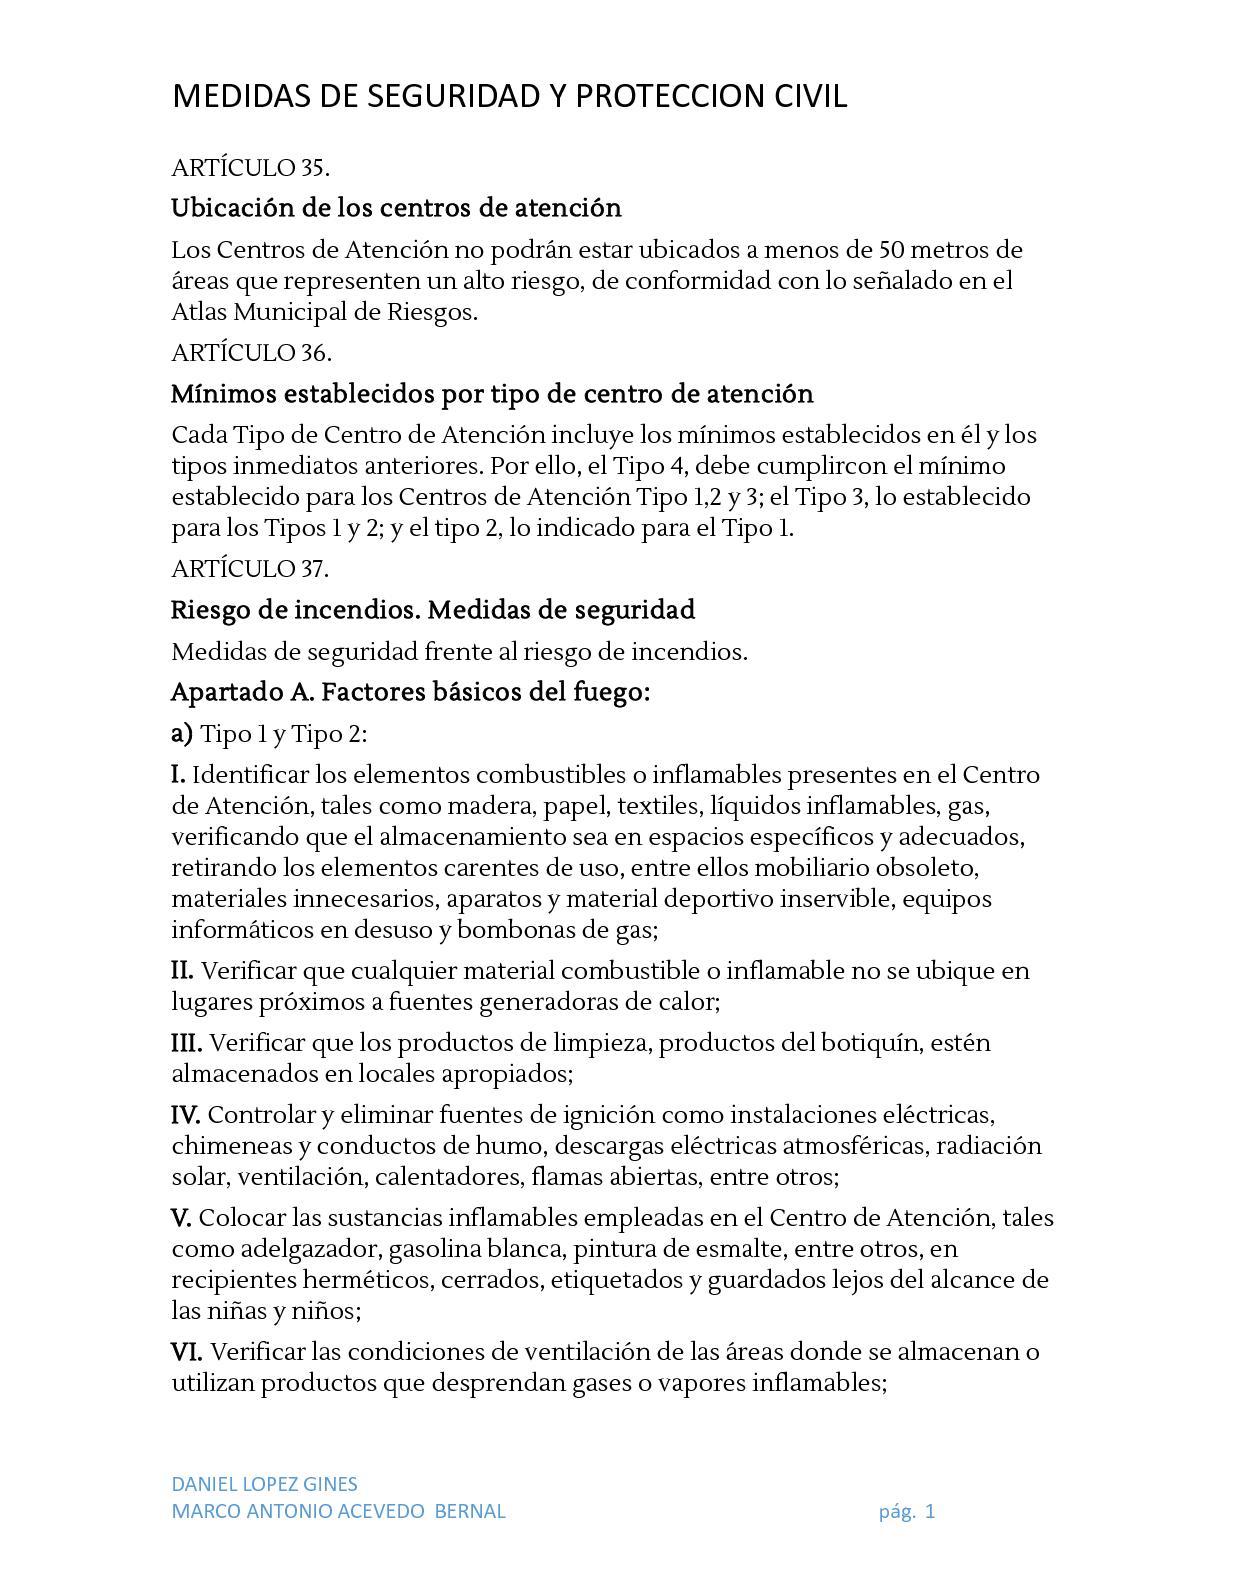 Calaméo - Medidas De Seguridad Y Proteccion Civil (1)